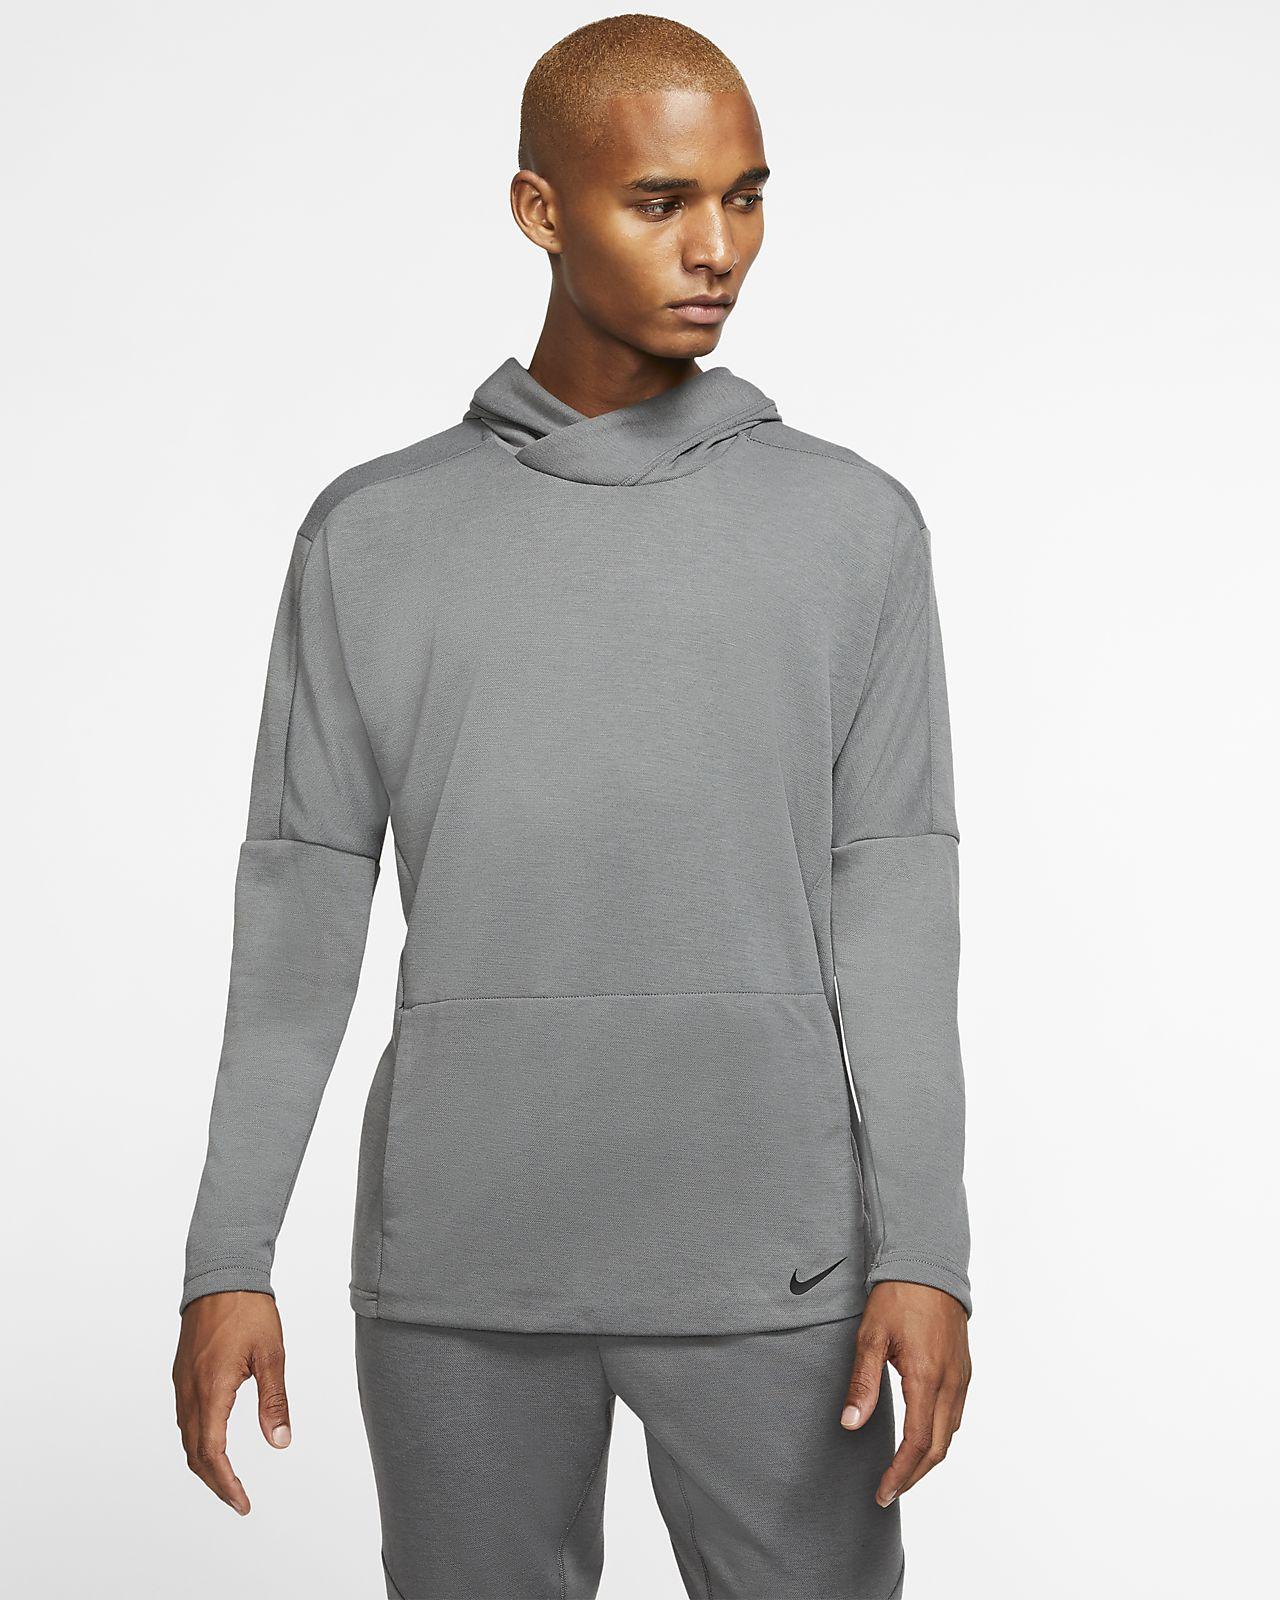 Nike Yoga Dri FIT Men's Pullover Hoodie